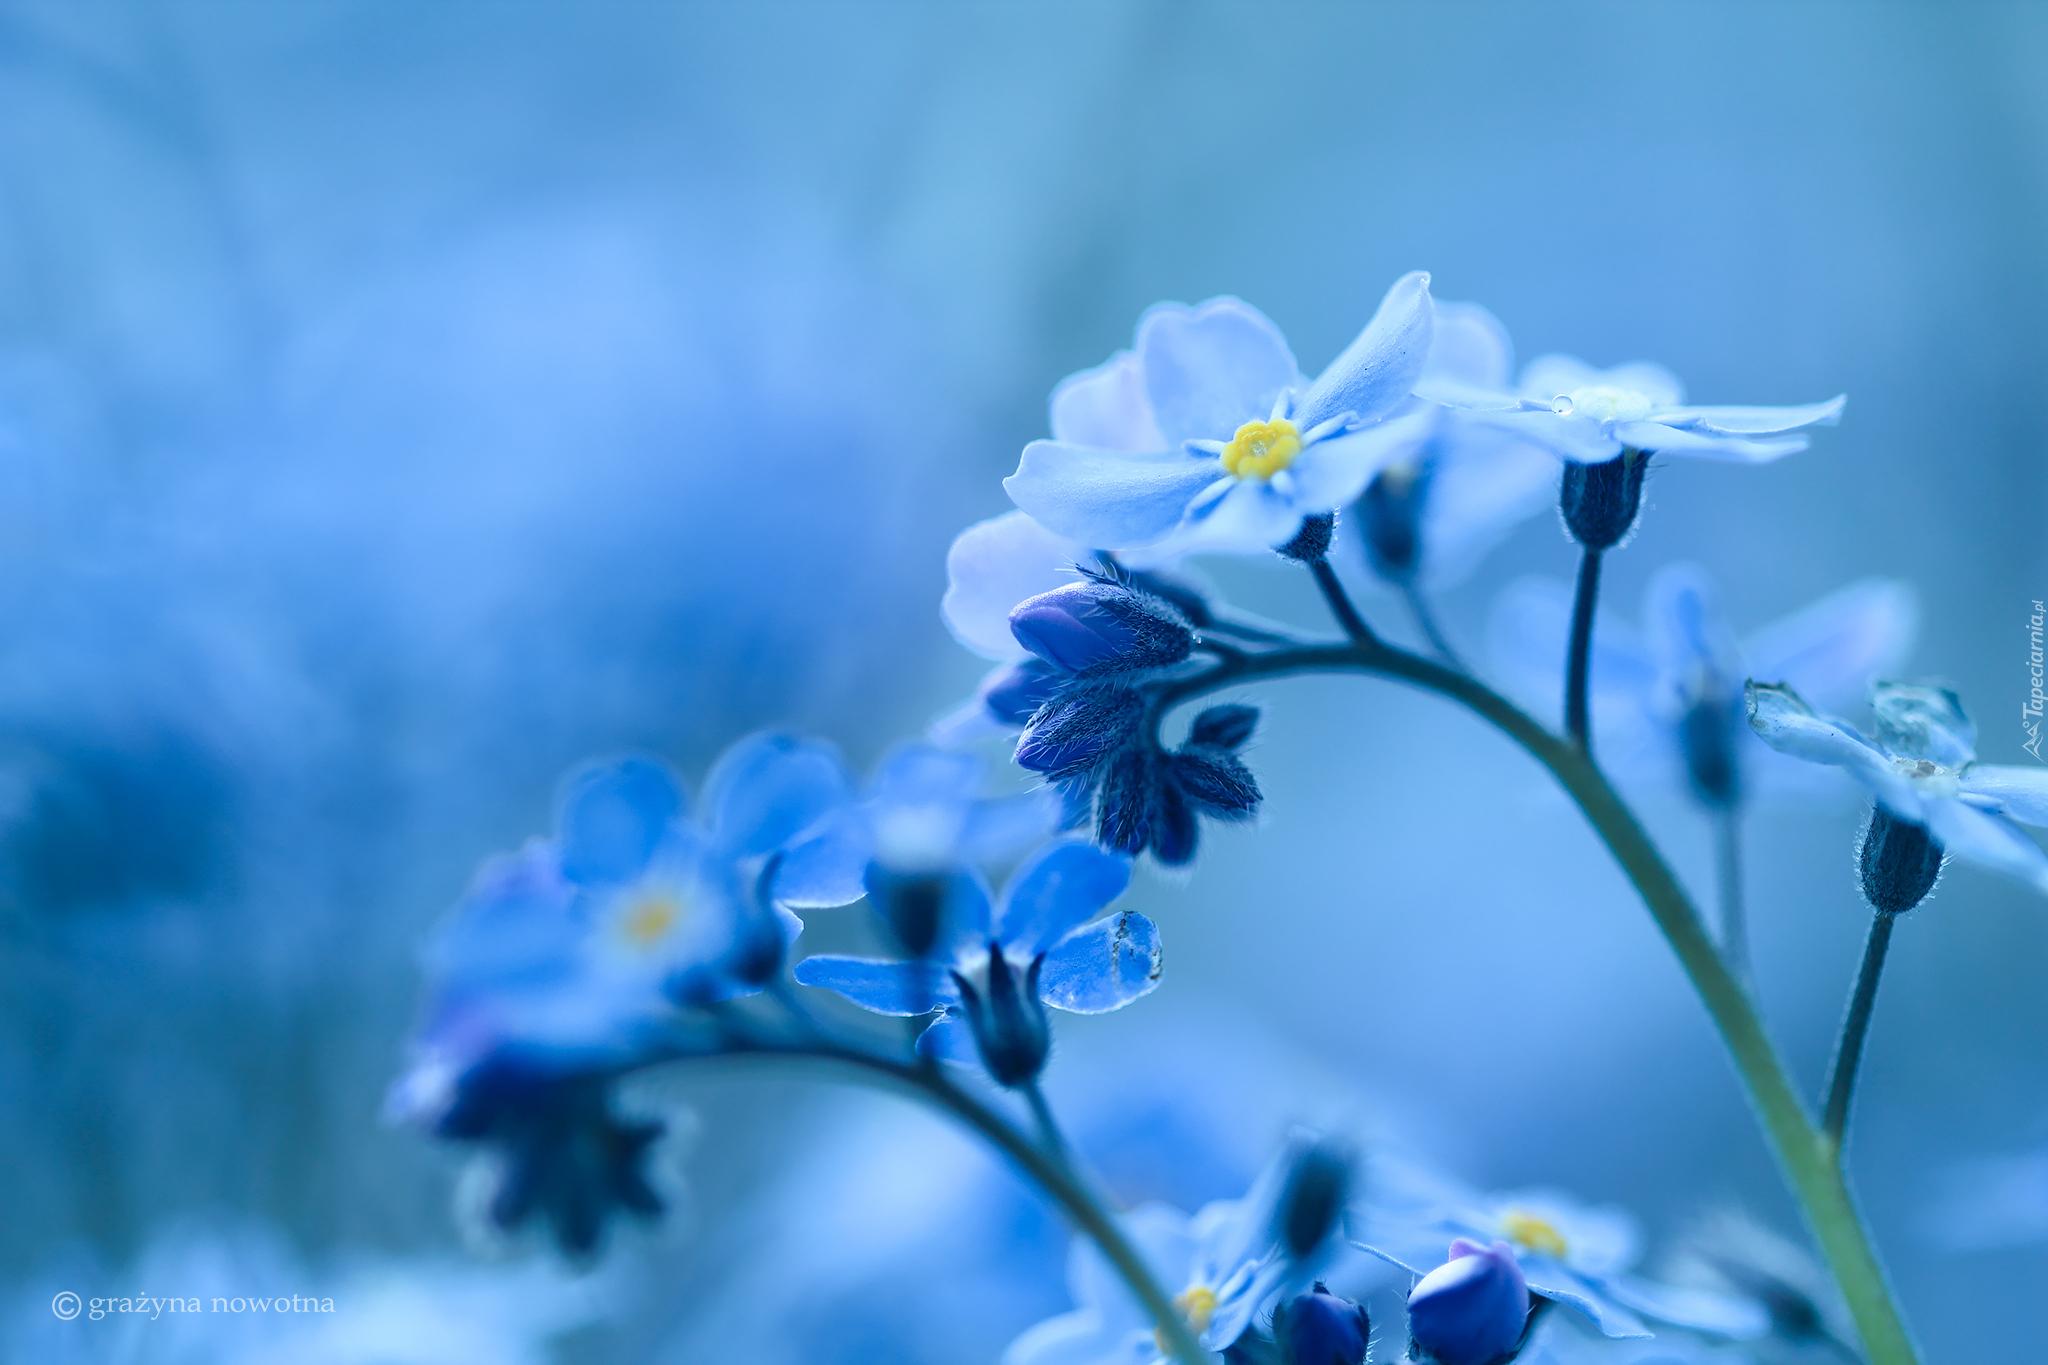 синие цветы природа незабудки бесплатно